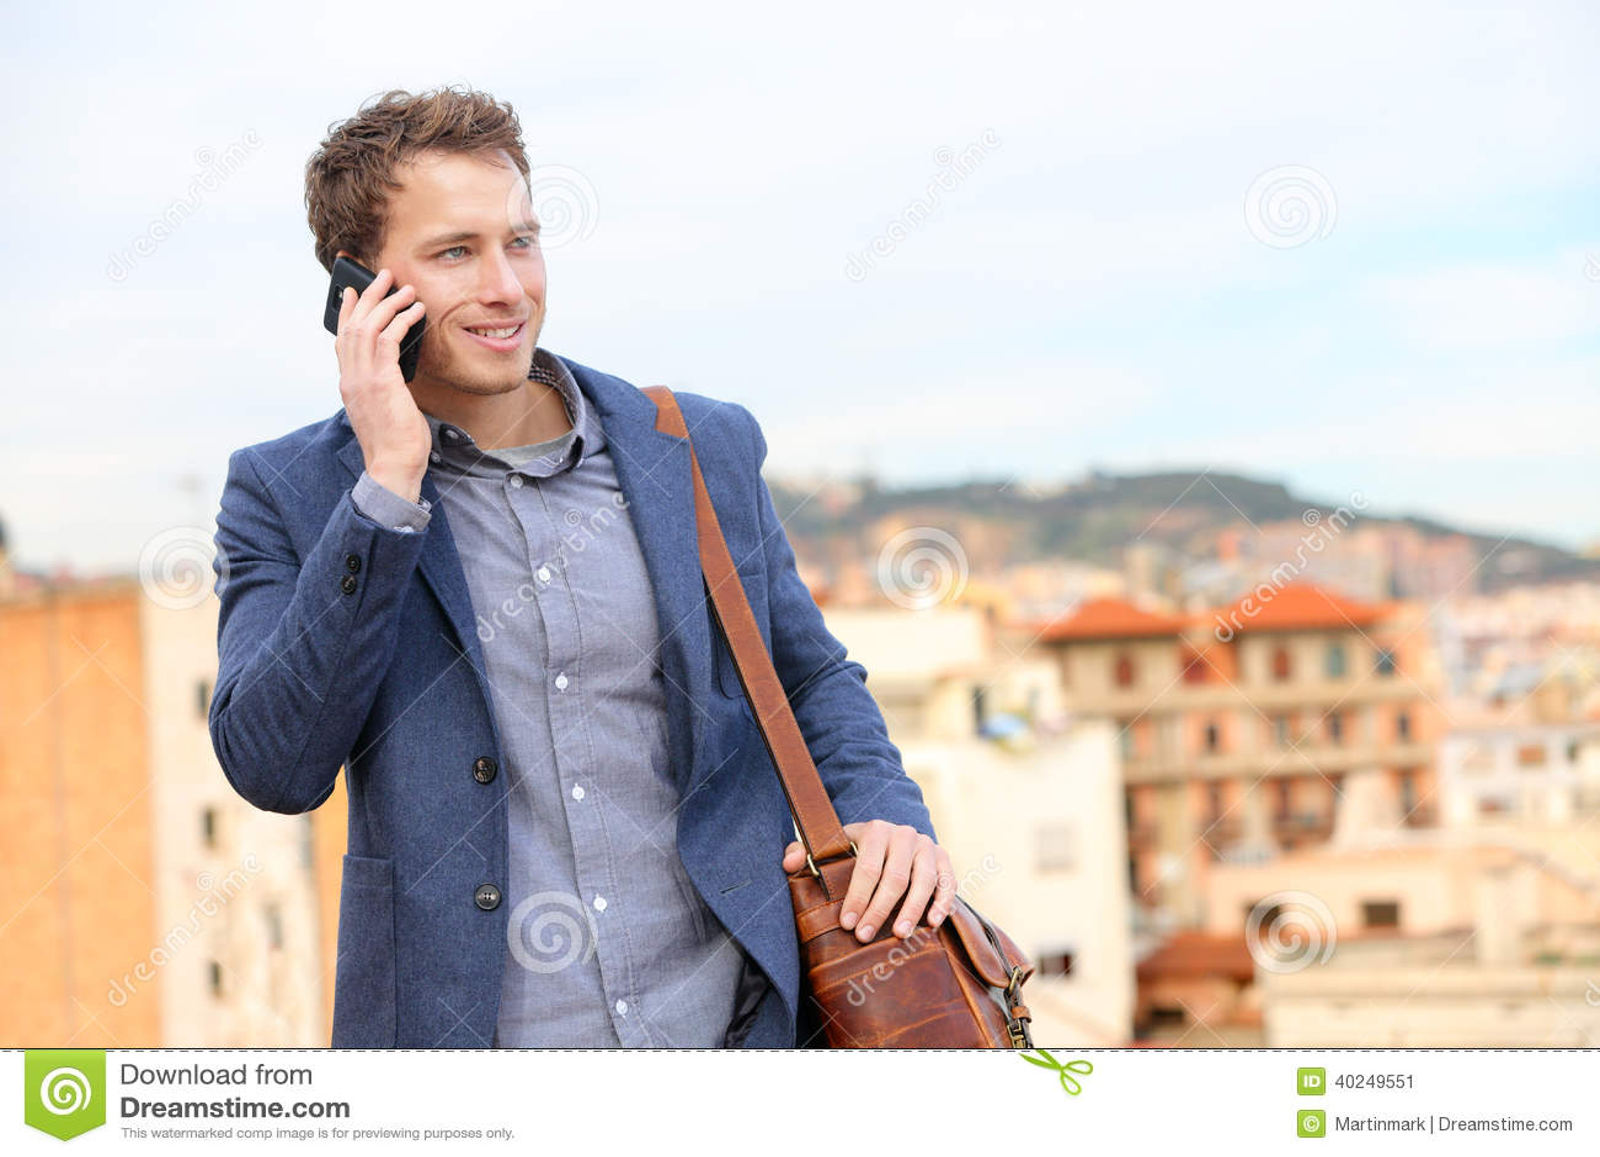 Mann auf Smartphone - junge Geschäftsmannunterhaltung